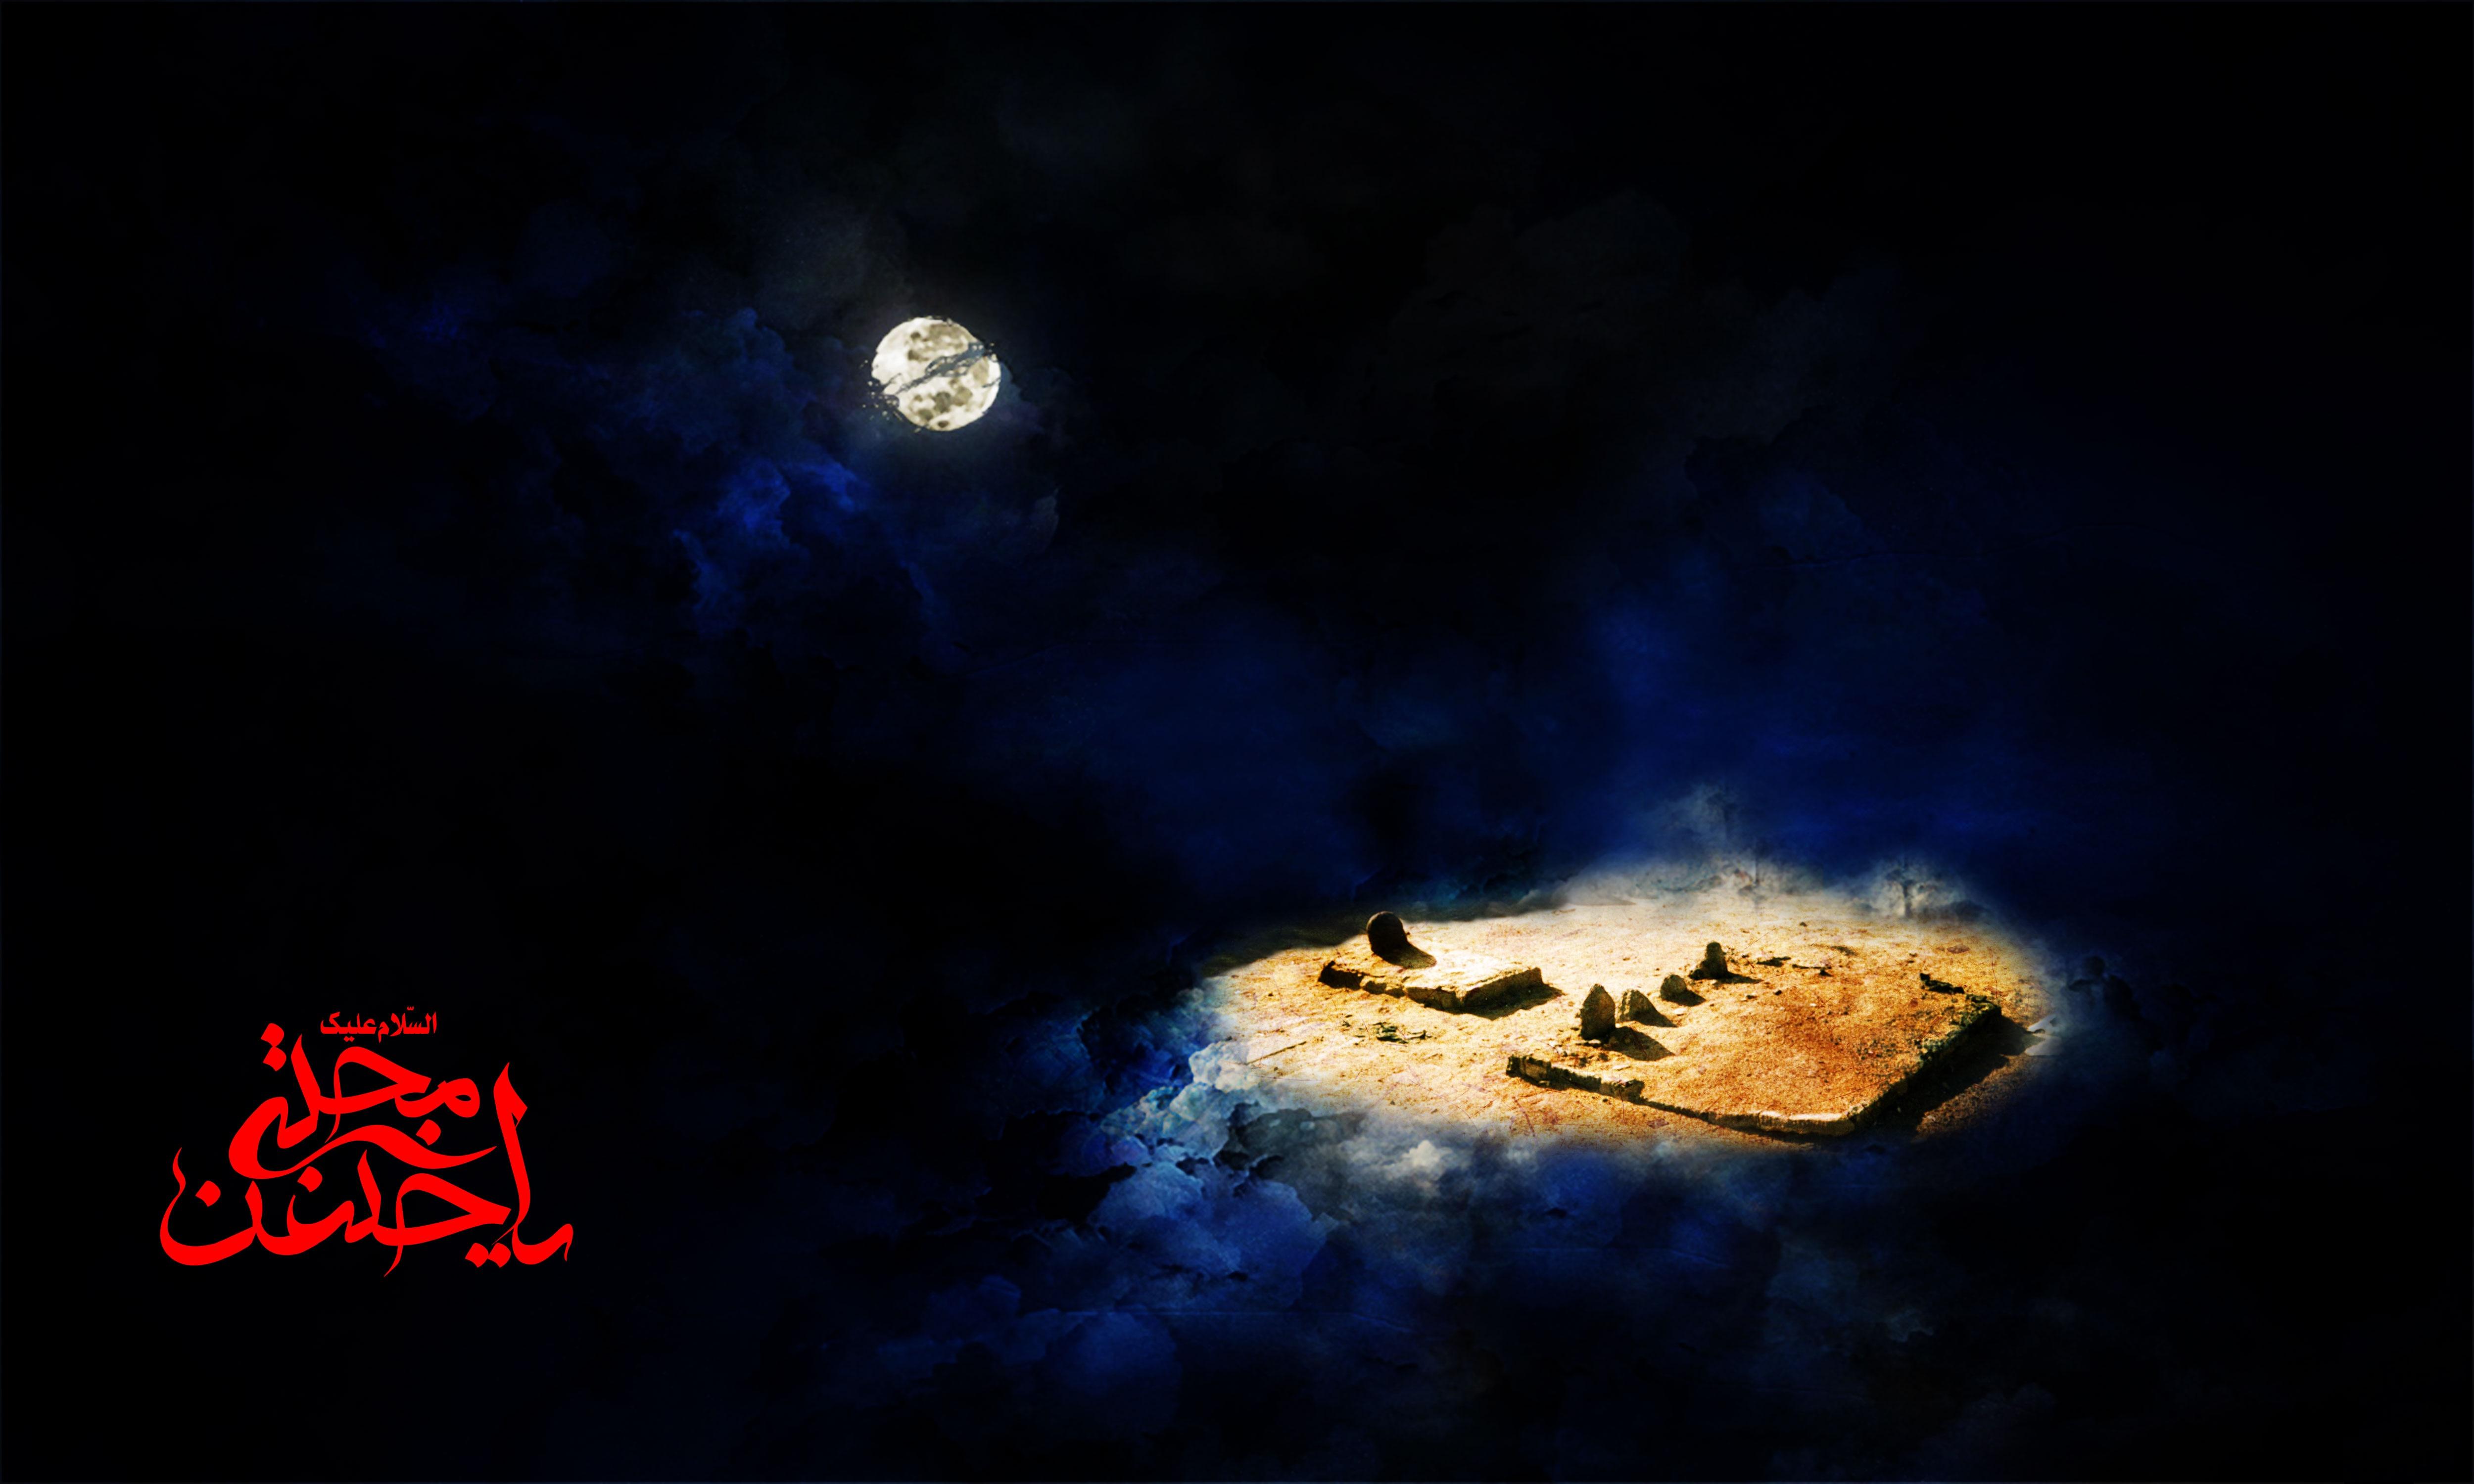 فضائل و کرامات امام حسن مجتبی (ع)